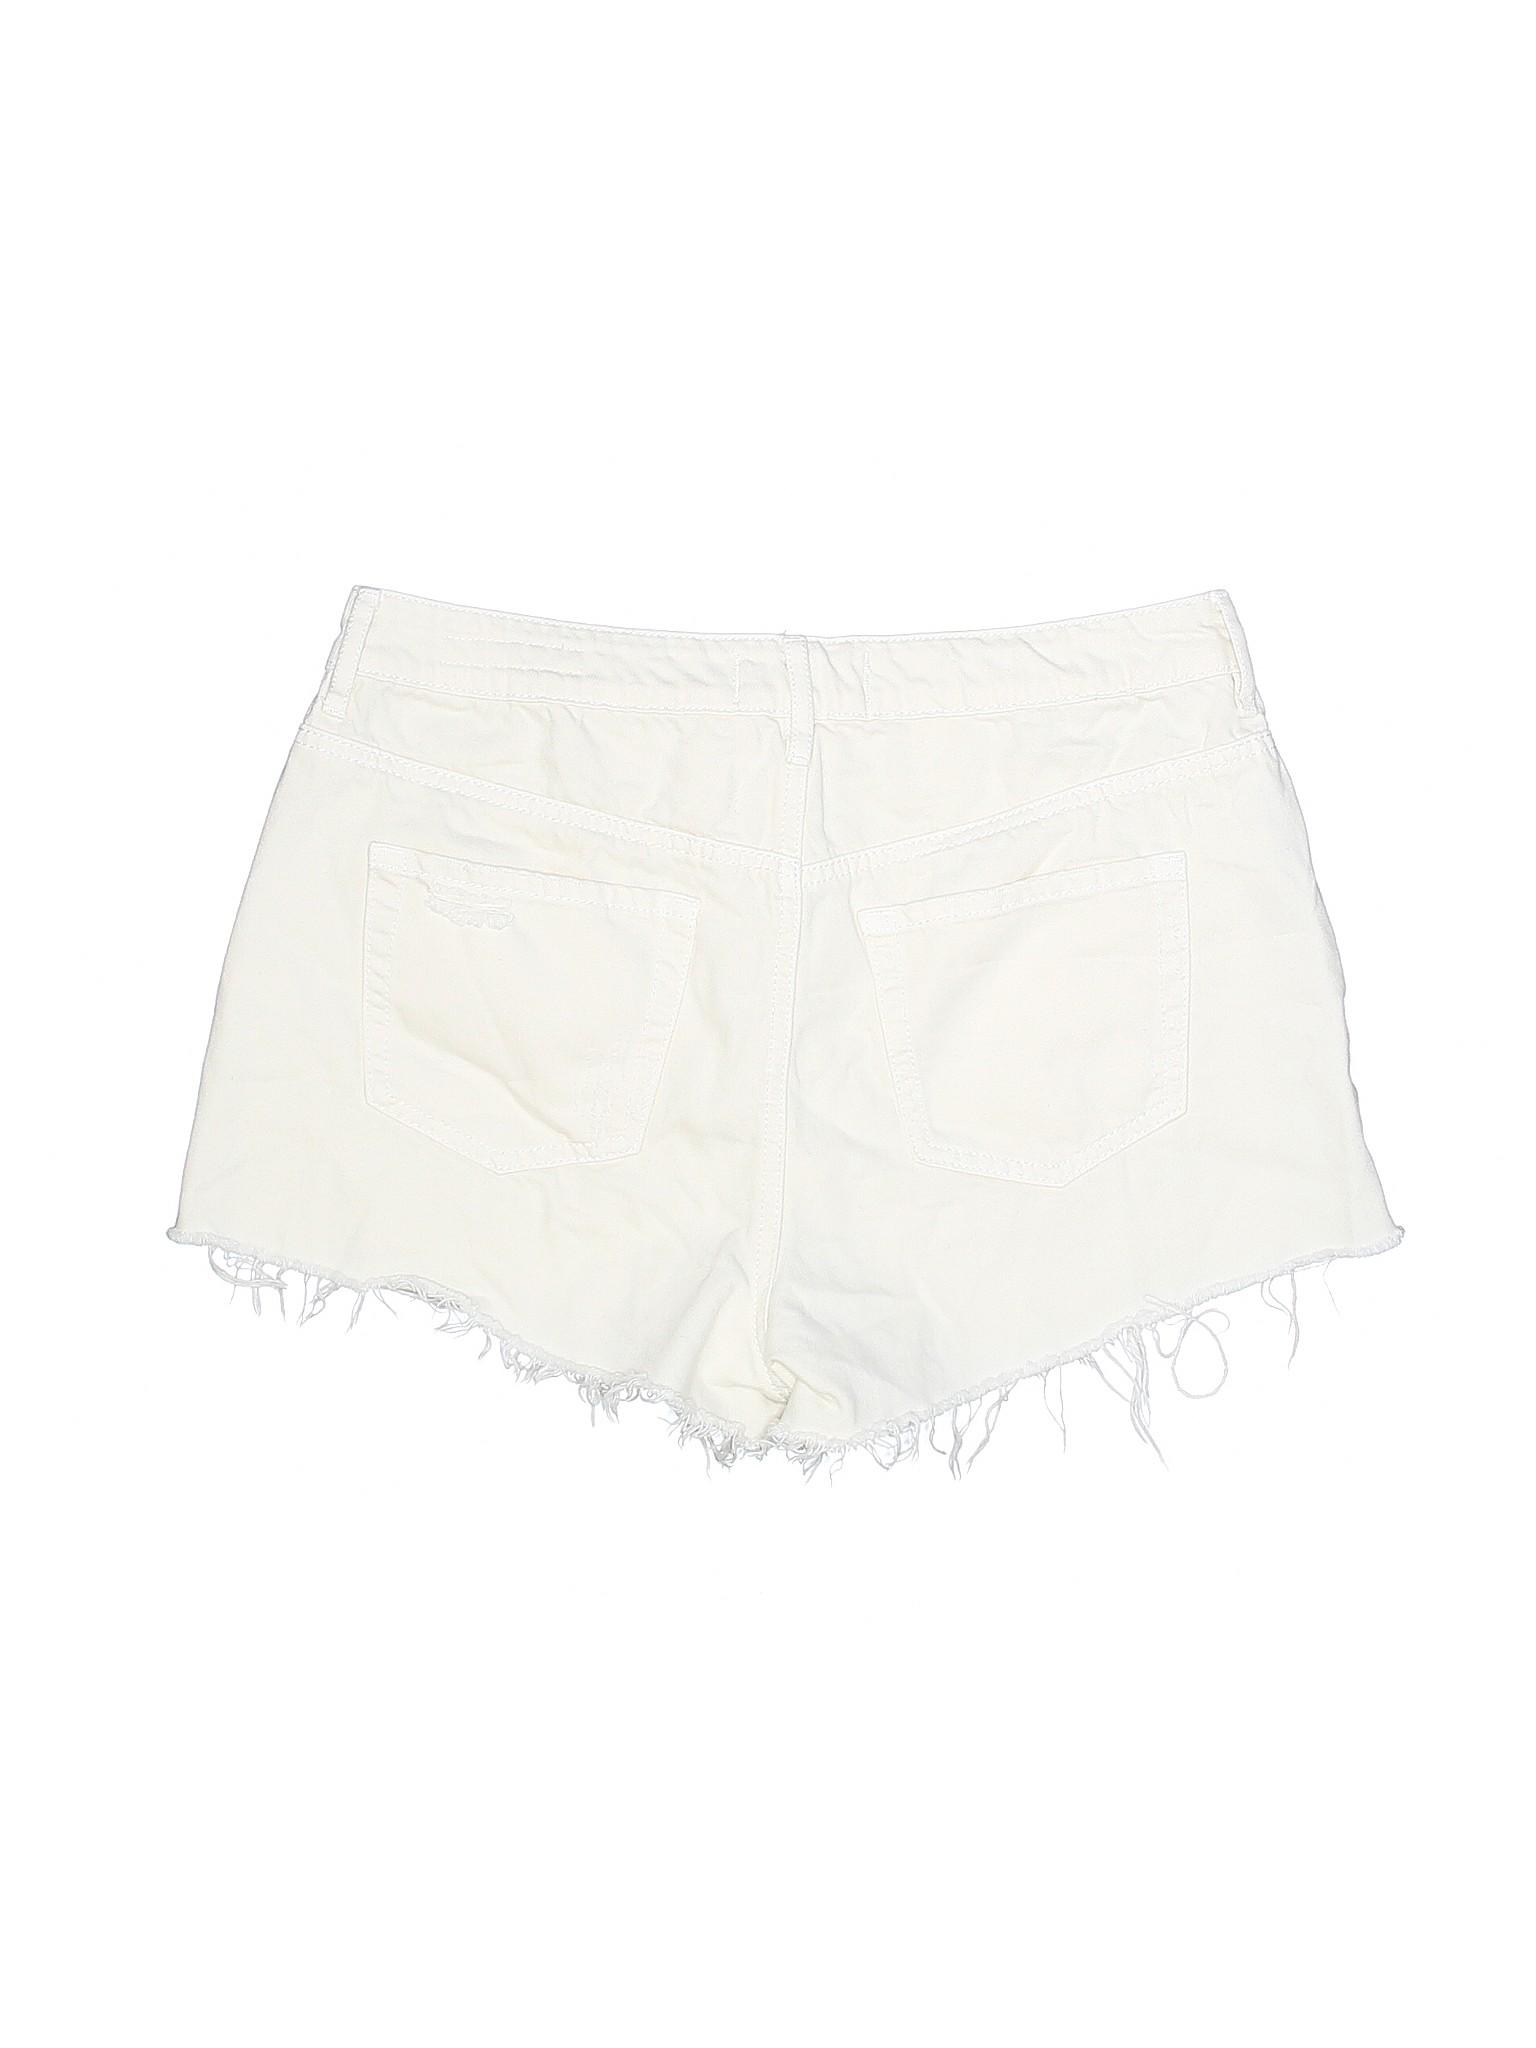 Denim PacSun Shorts Boutique Boutique winter winter wTqvTgI